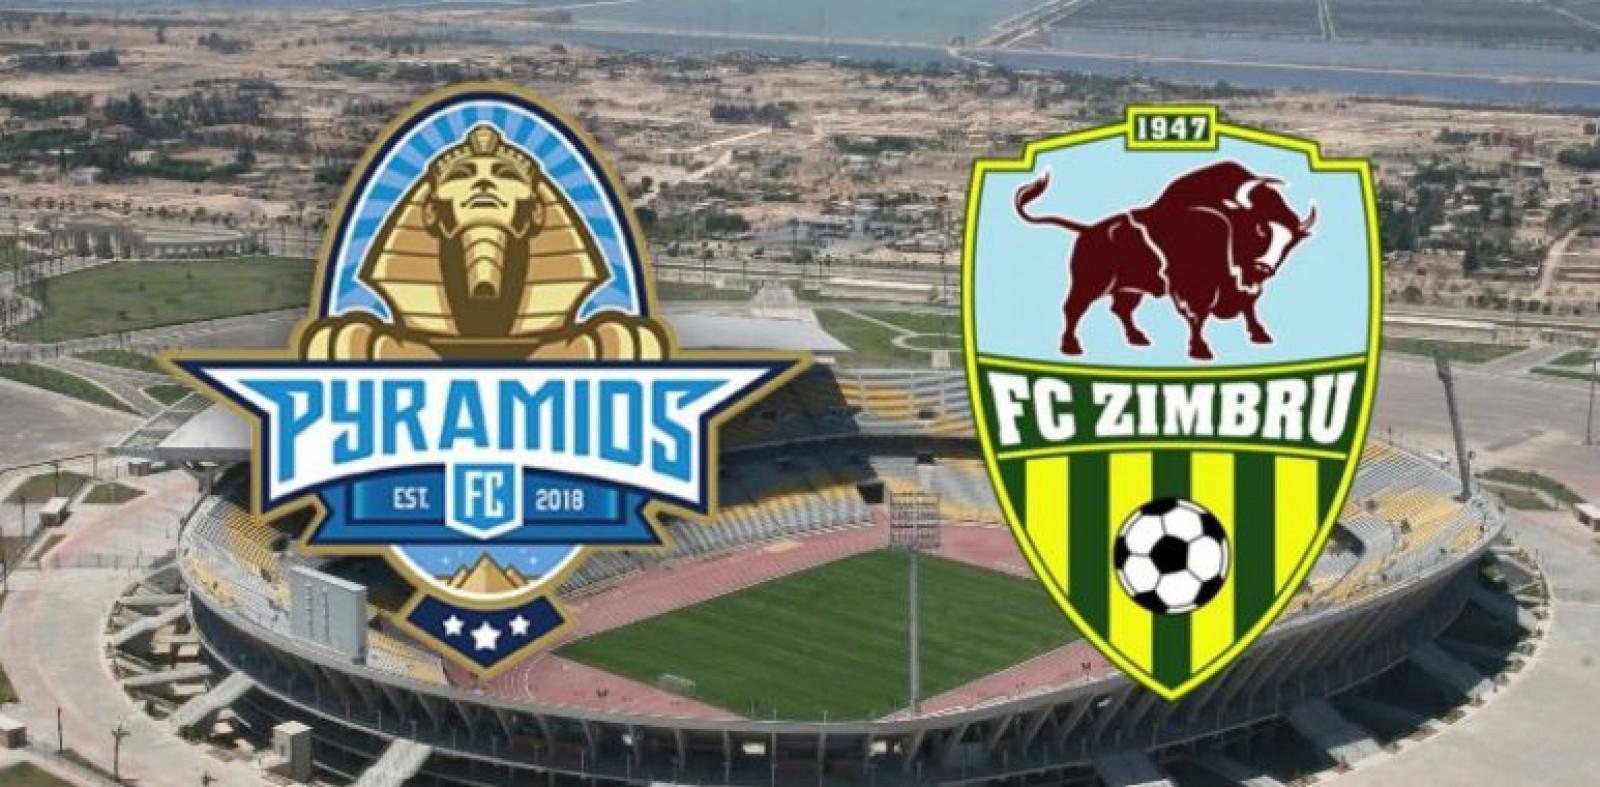 Amical istoric pentru Zimbru Chișinău. Echipa din capitală va juca un meci de pregătire în Egipt pe un stadion cu o capacitate de peste 80.000 de locuri